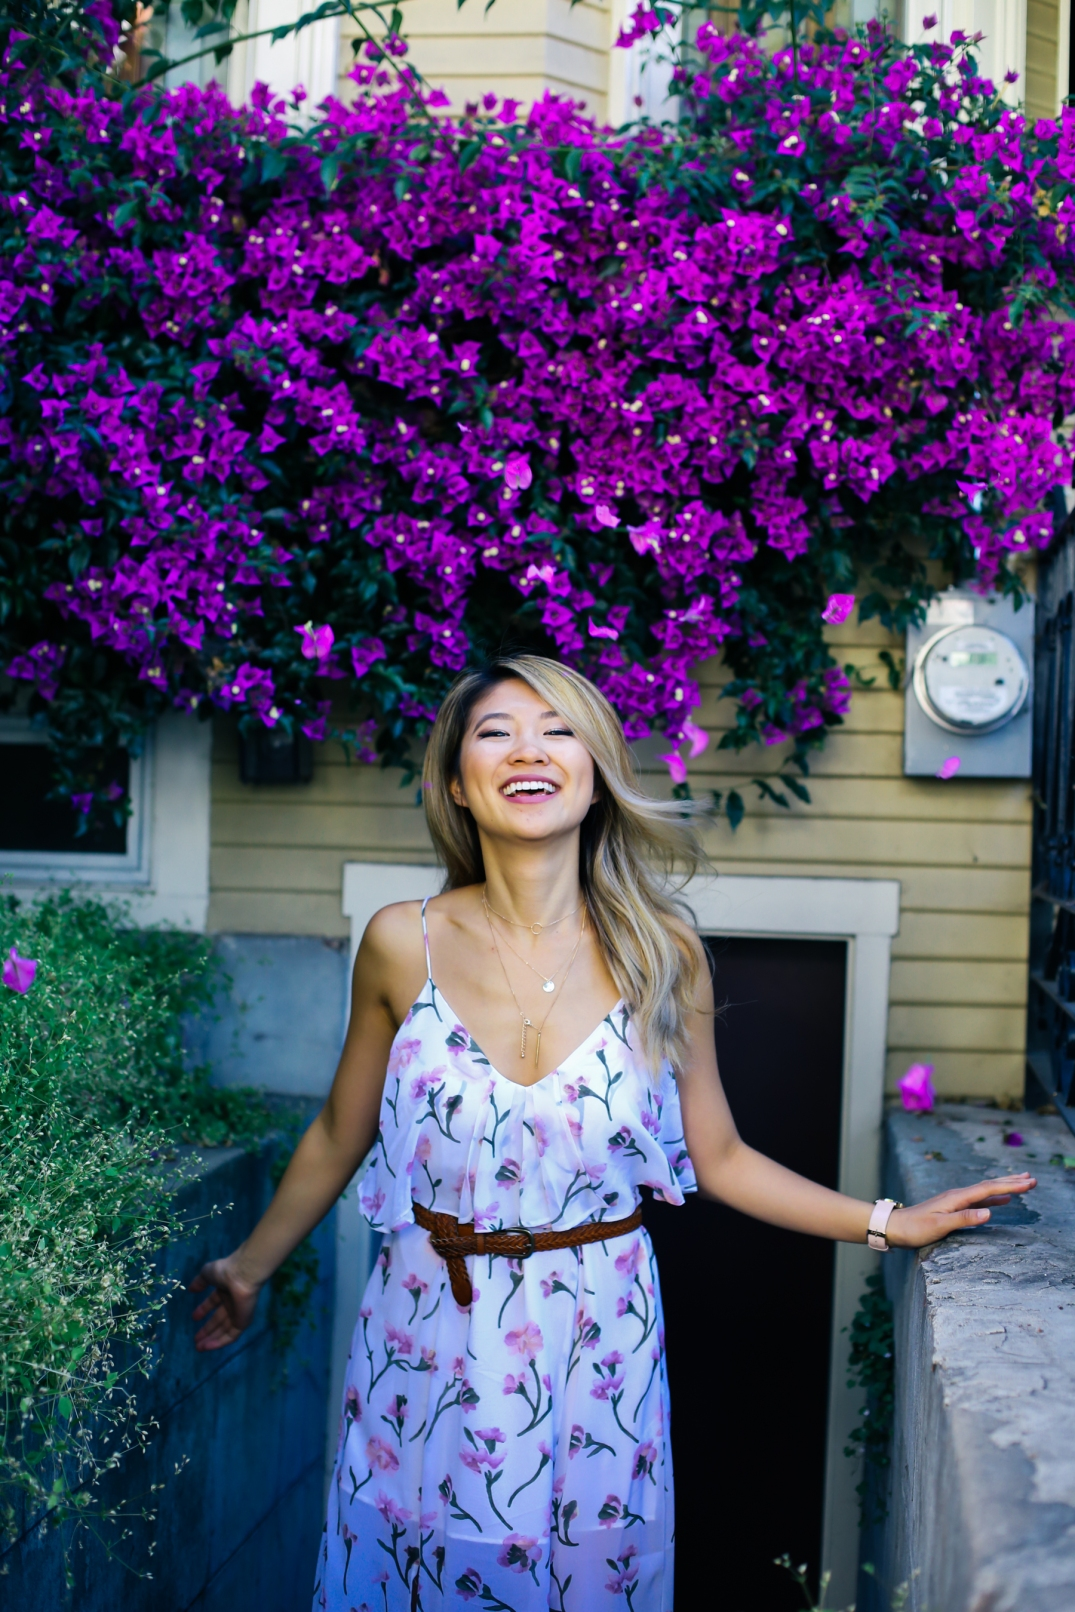 floral-dress-fashionbyally-ryanbyryanchua-9891